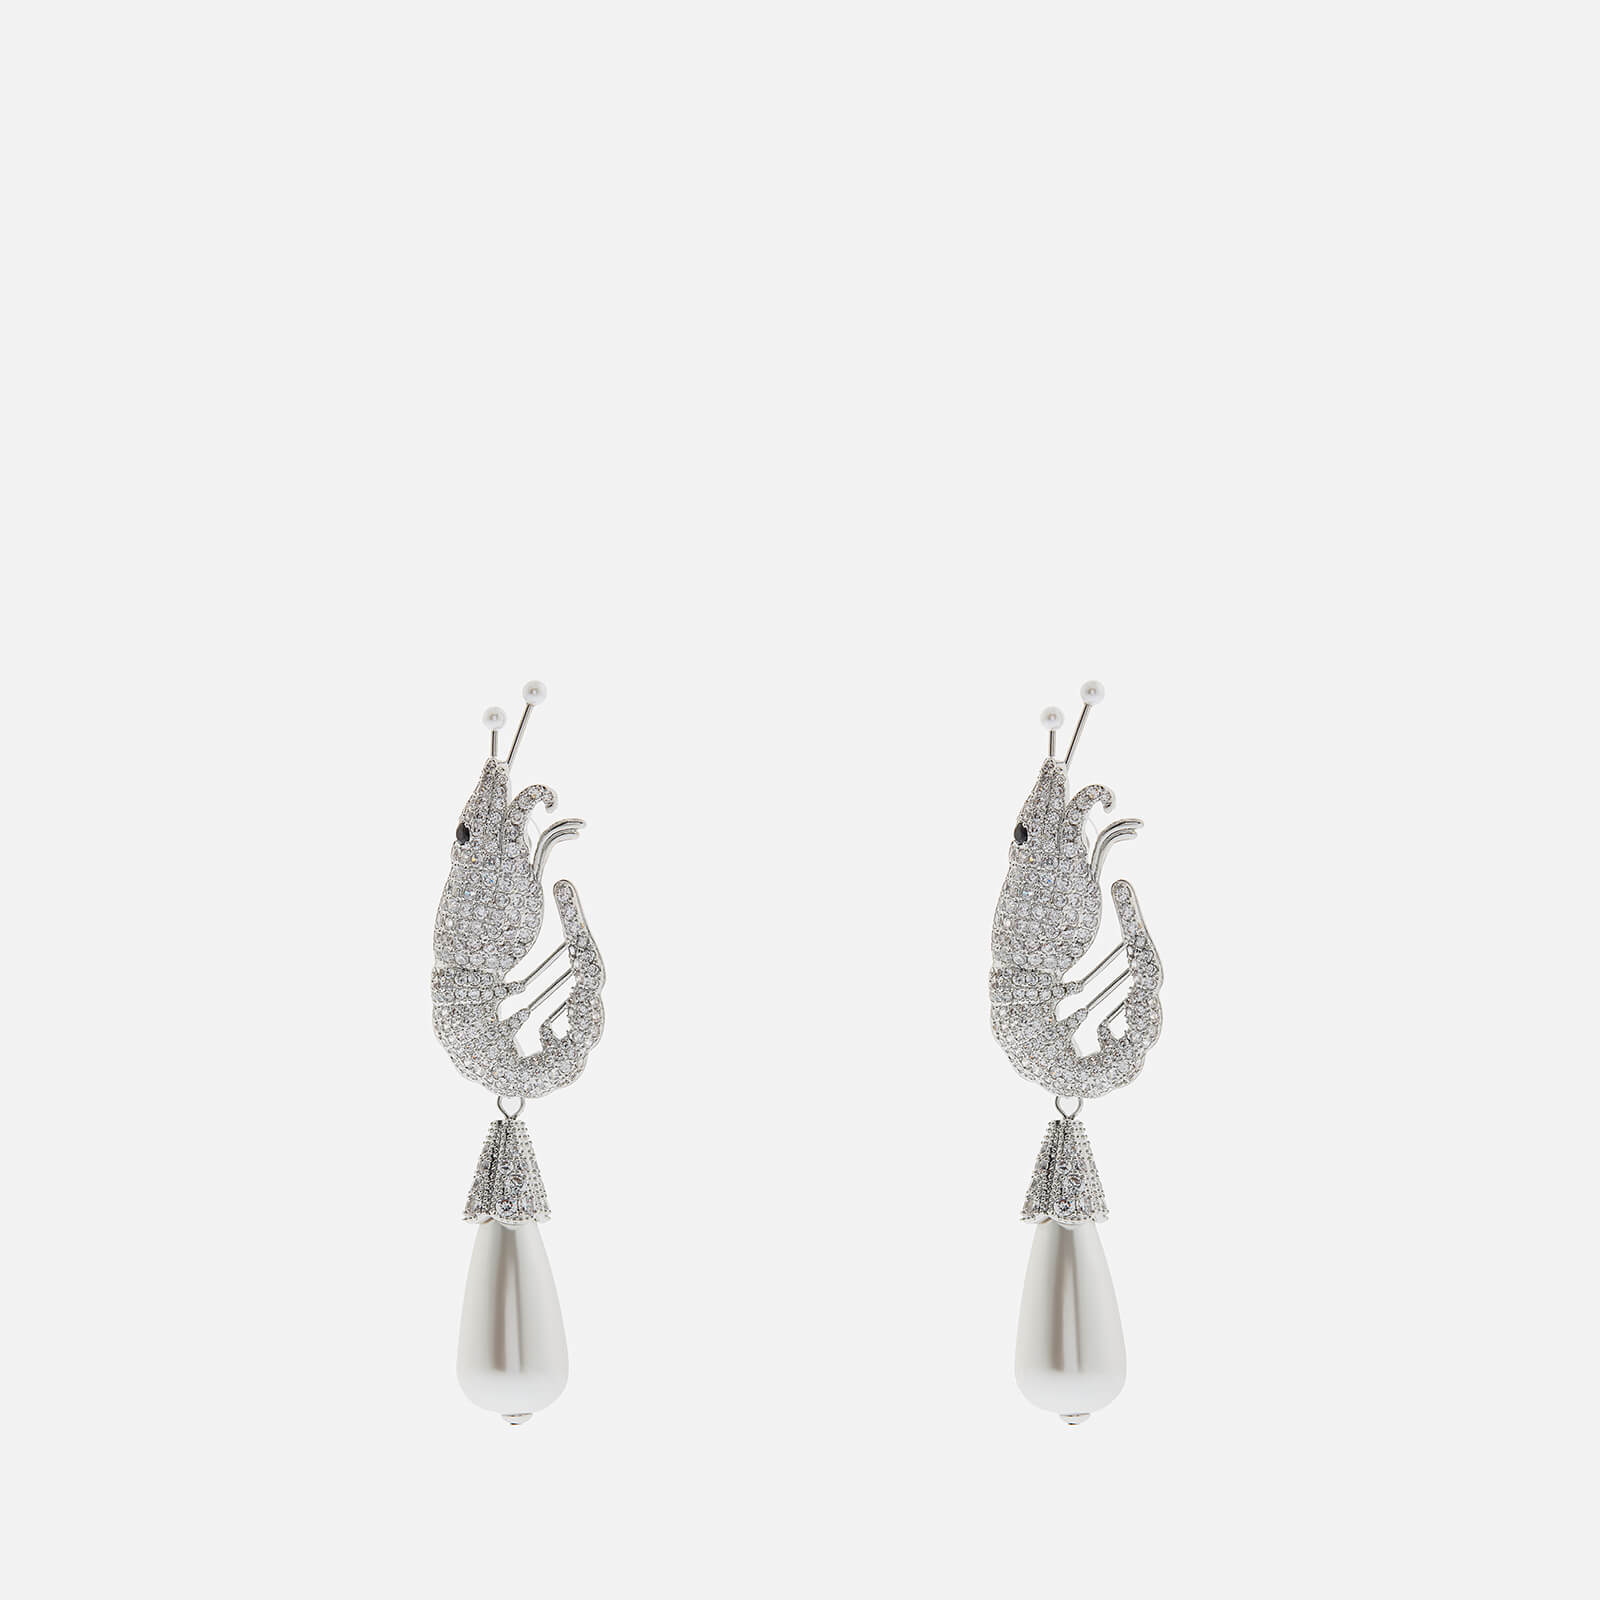 Shrimps Women's Shrimp Crystal Earrings - Cream & Silver